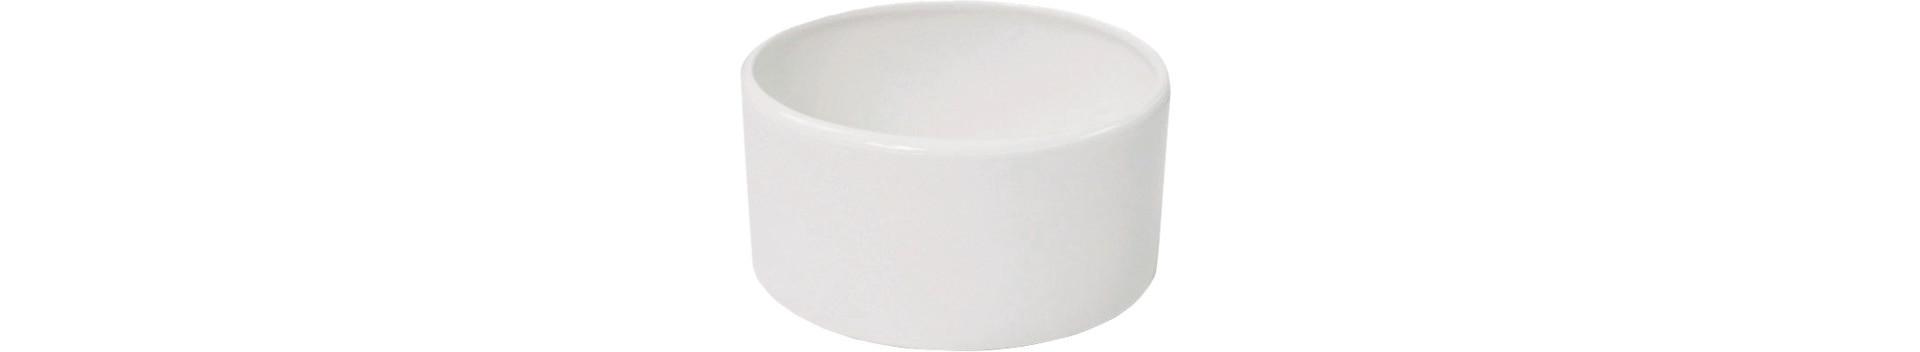 Monaco, Zuckerstickbehälter 0,34 l